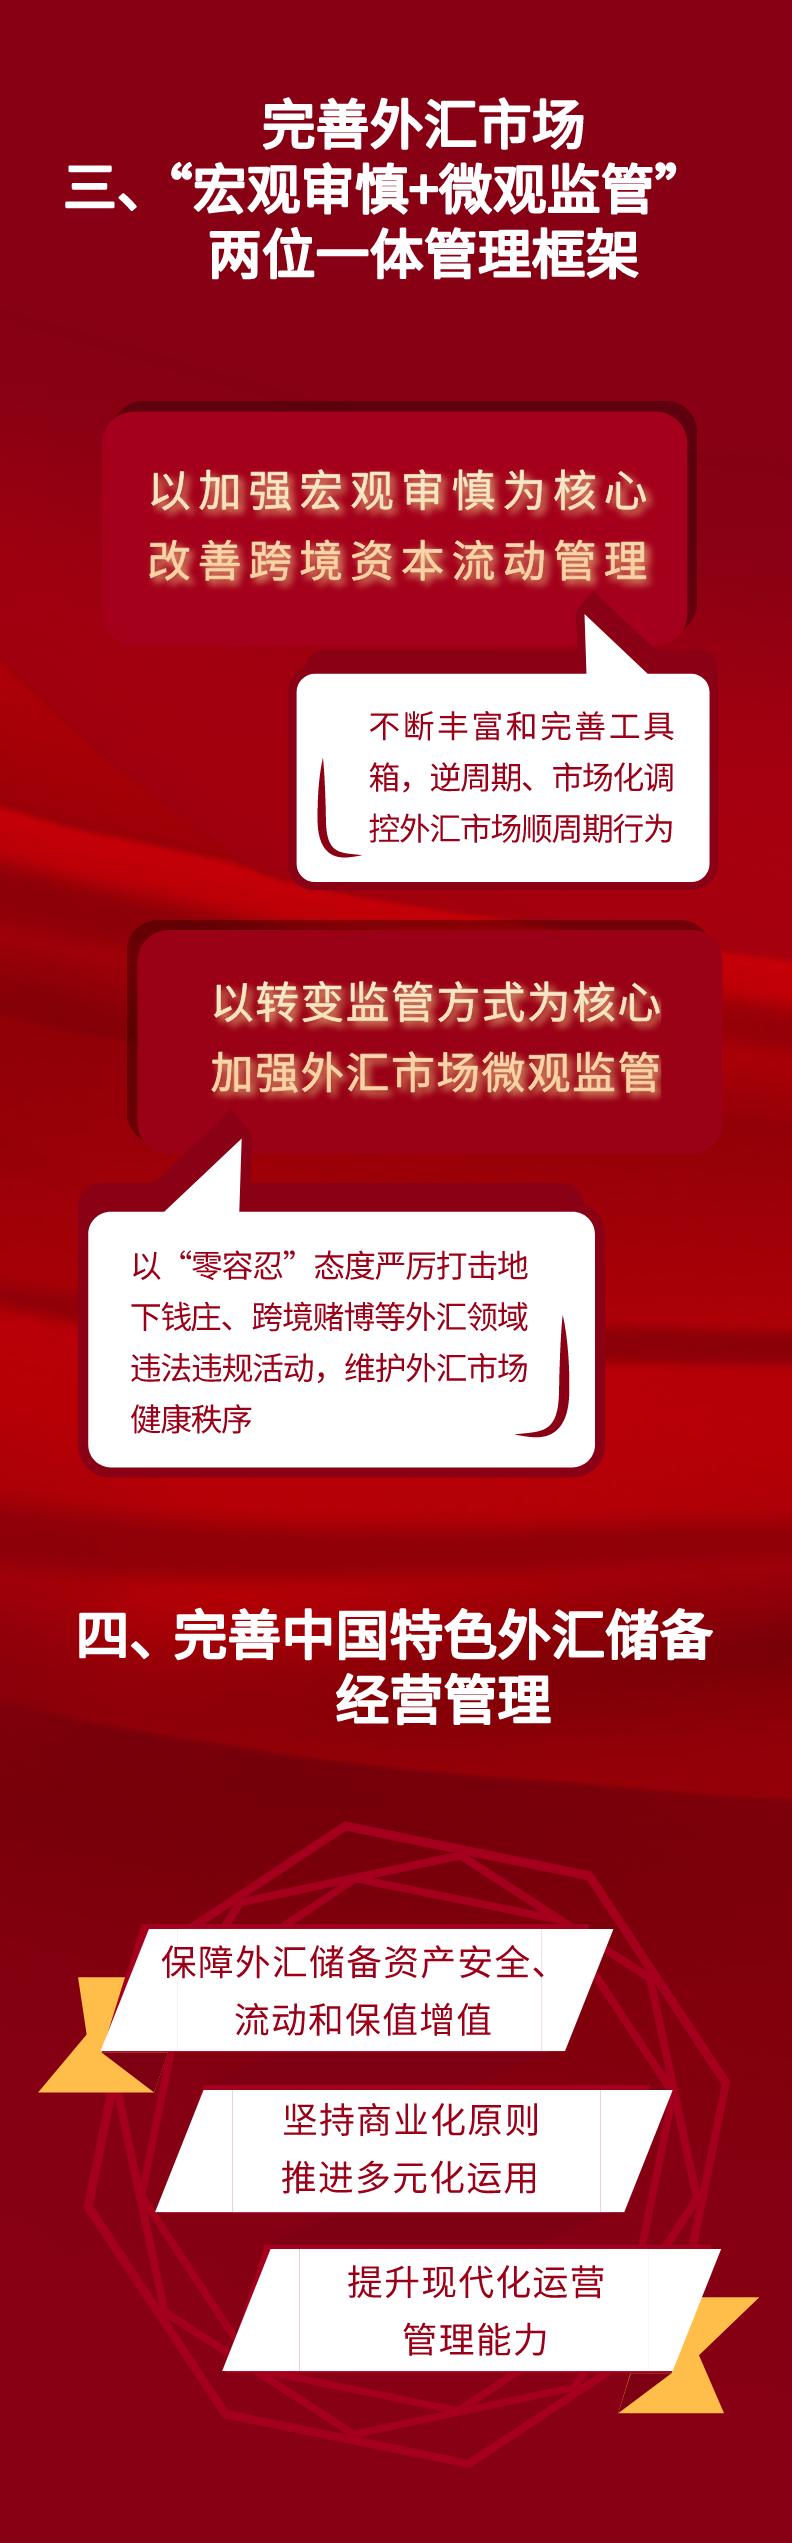 北京将年均投资超百亿元推动数字经济 金科新区吸取120家机构降户